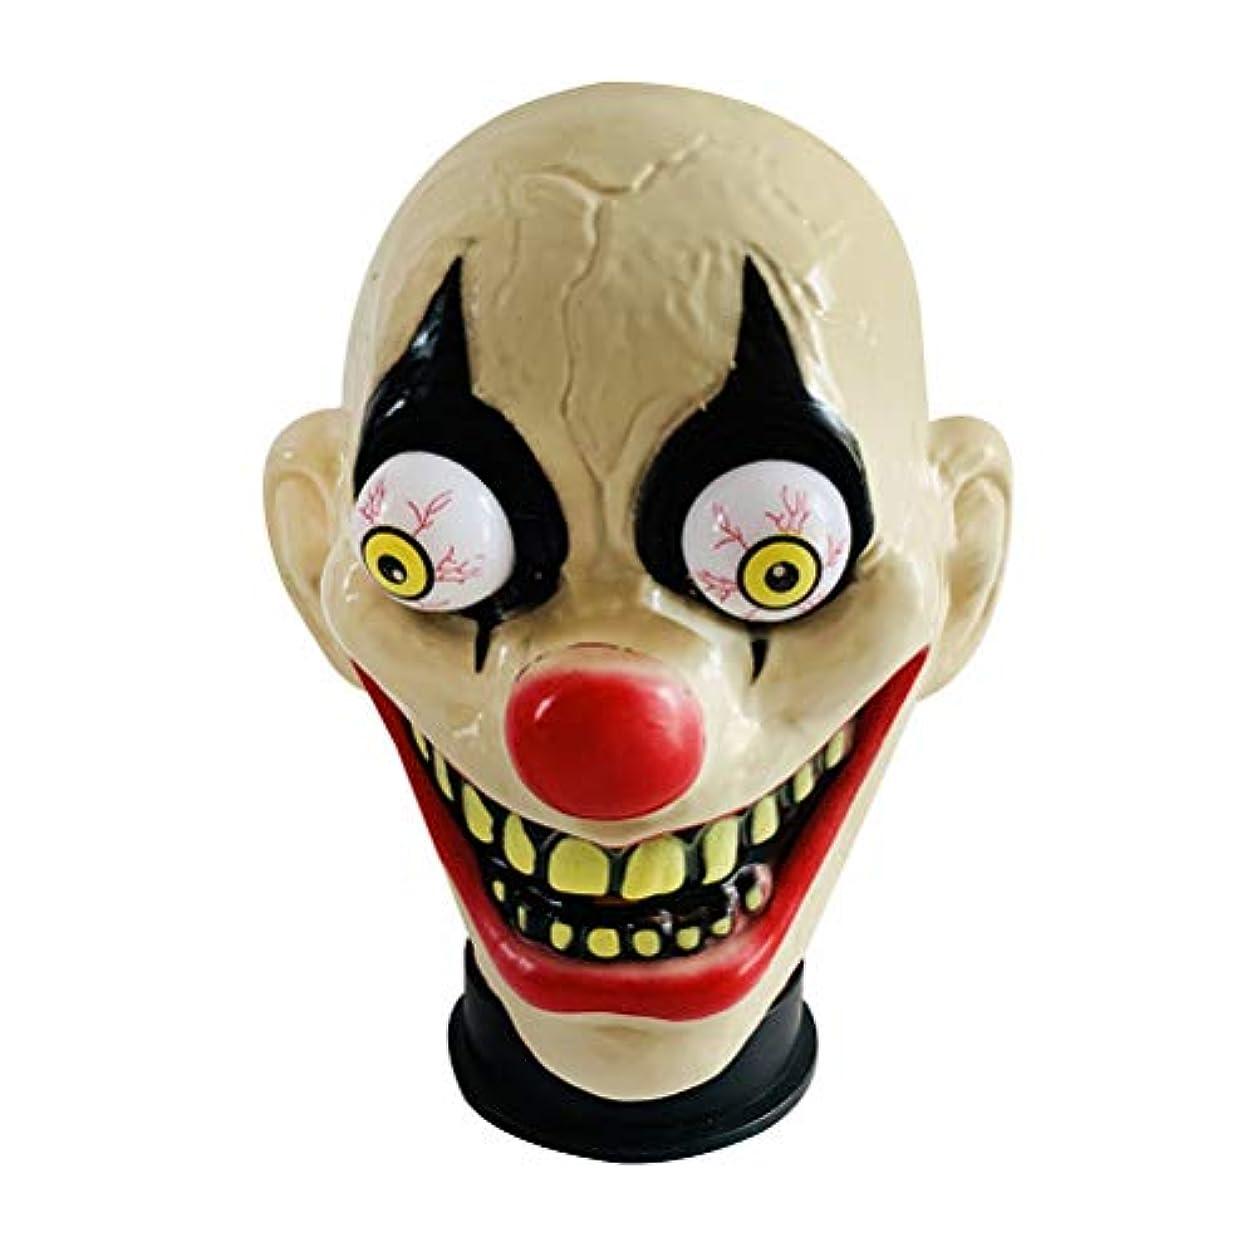 フレット鎮痛剤教師の日BESTOYARD ハロウィーン怖いピエロマスクテロホラーピエロヘッドカバーハロウィンコスプレパーティー用男性用マスク(ピエロタイプ)